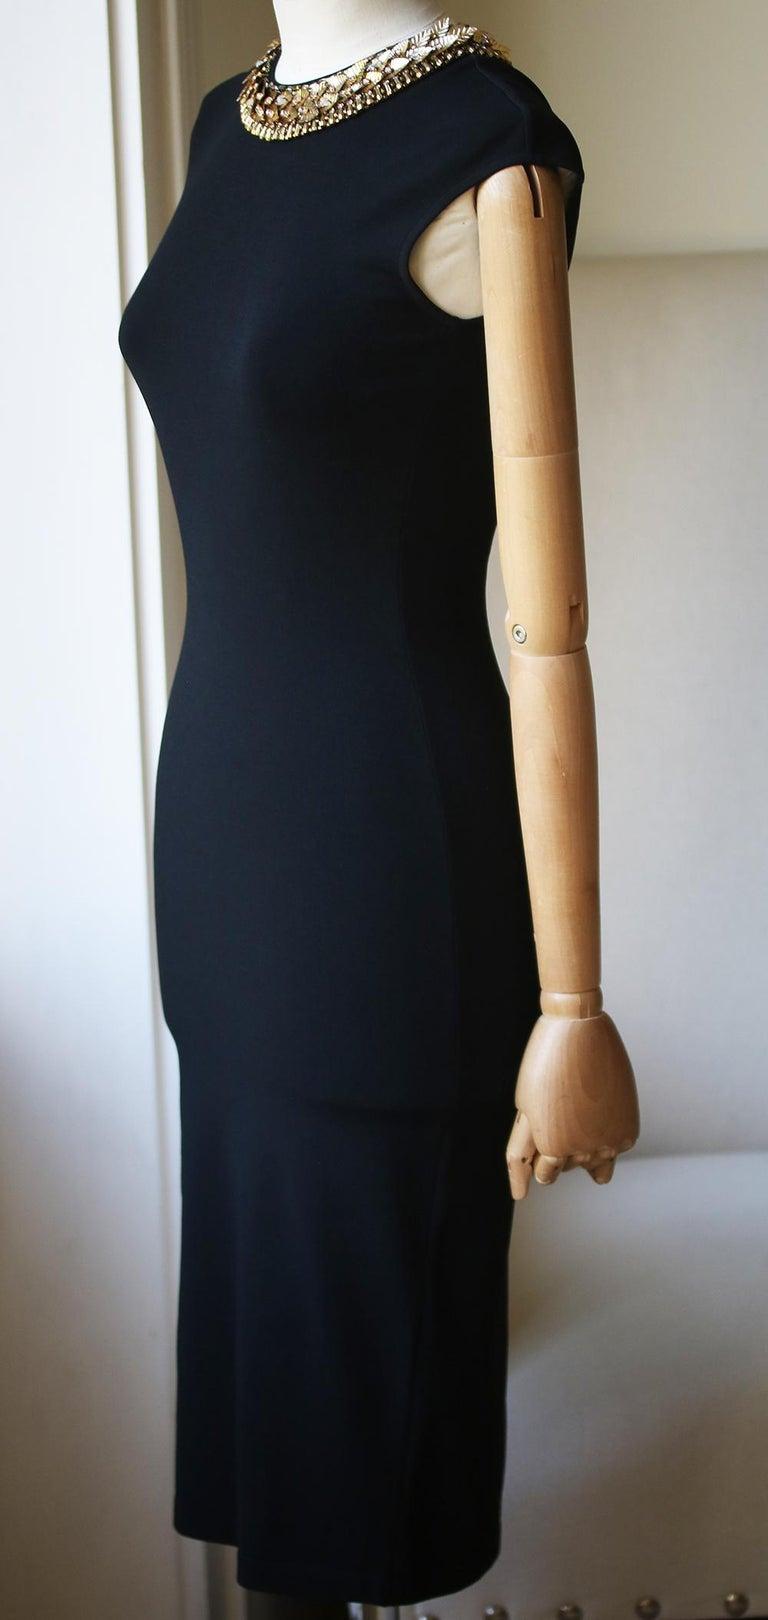 Black Alexander McQueen Embellished Stretch-Knit Dress